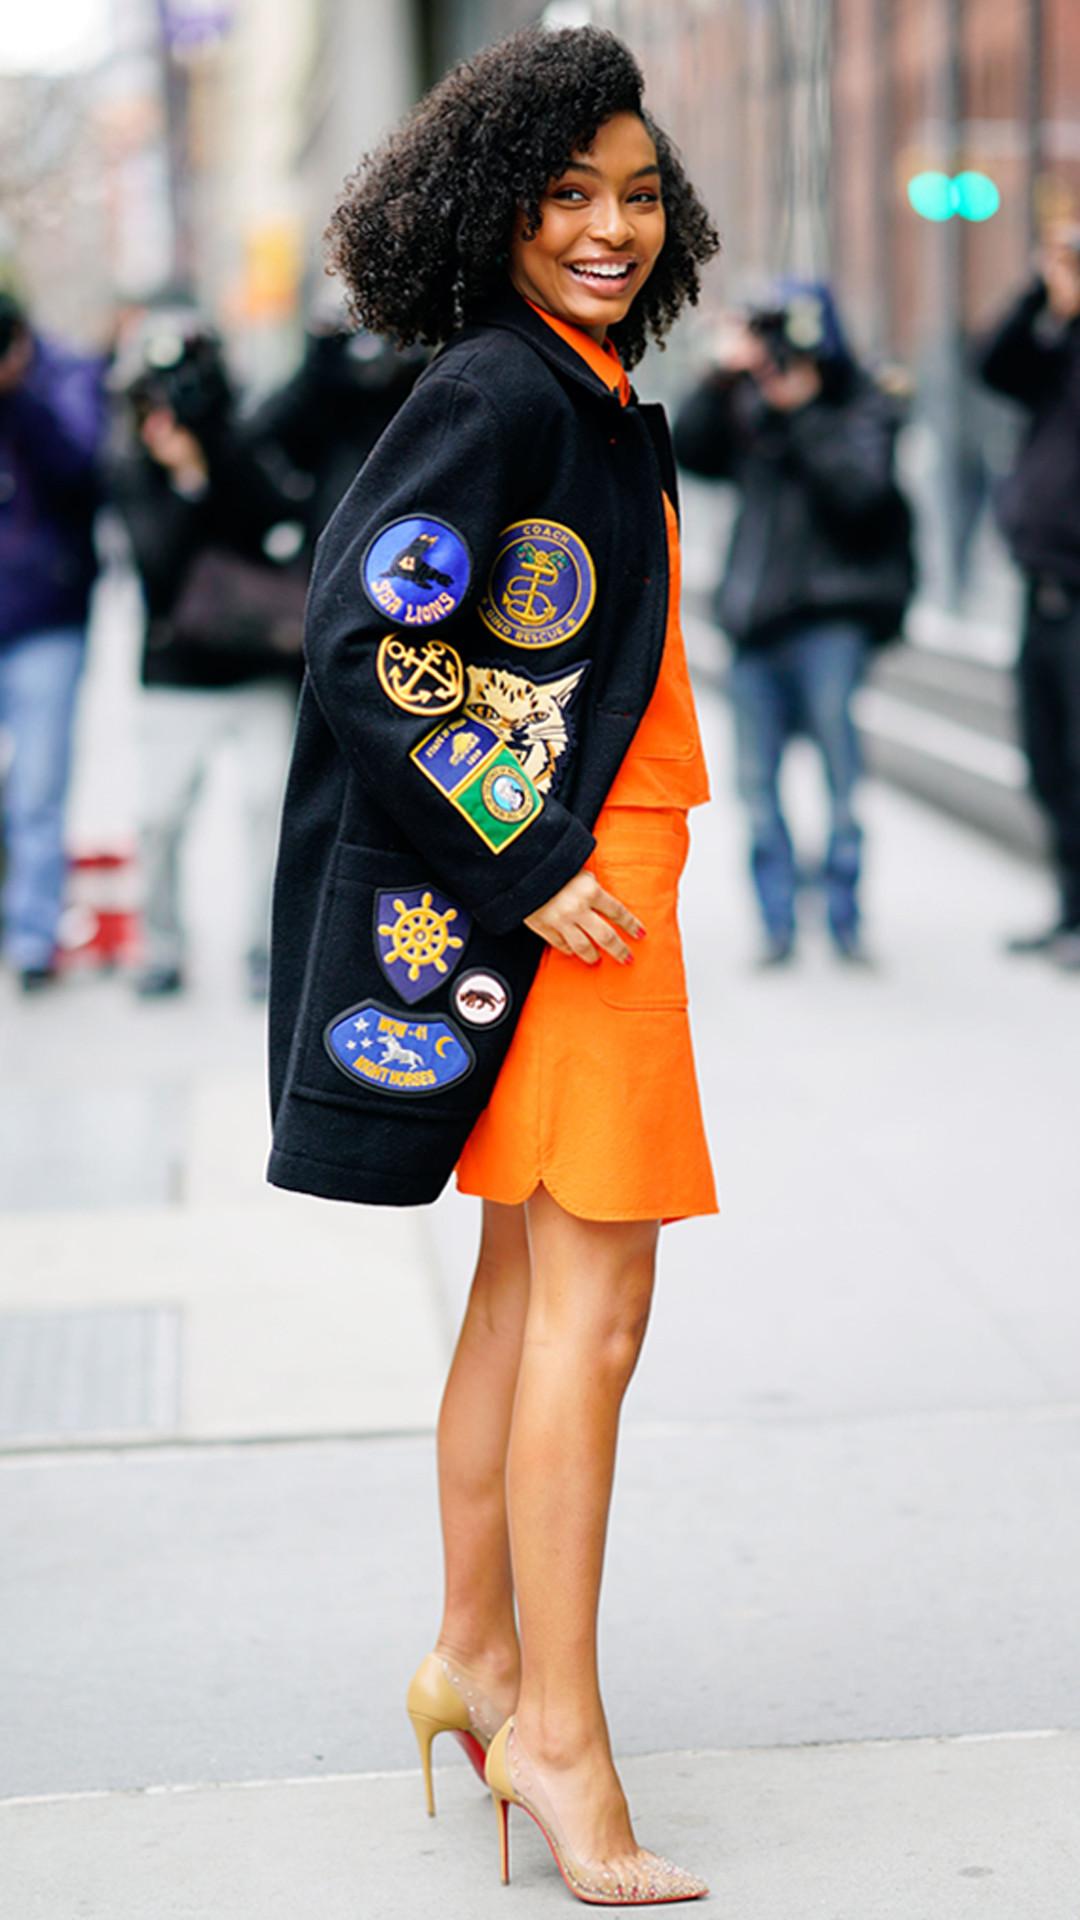 ESC: Yara Shahidi, Best Looks